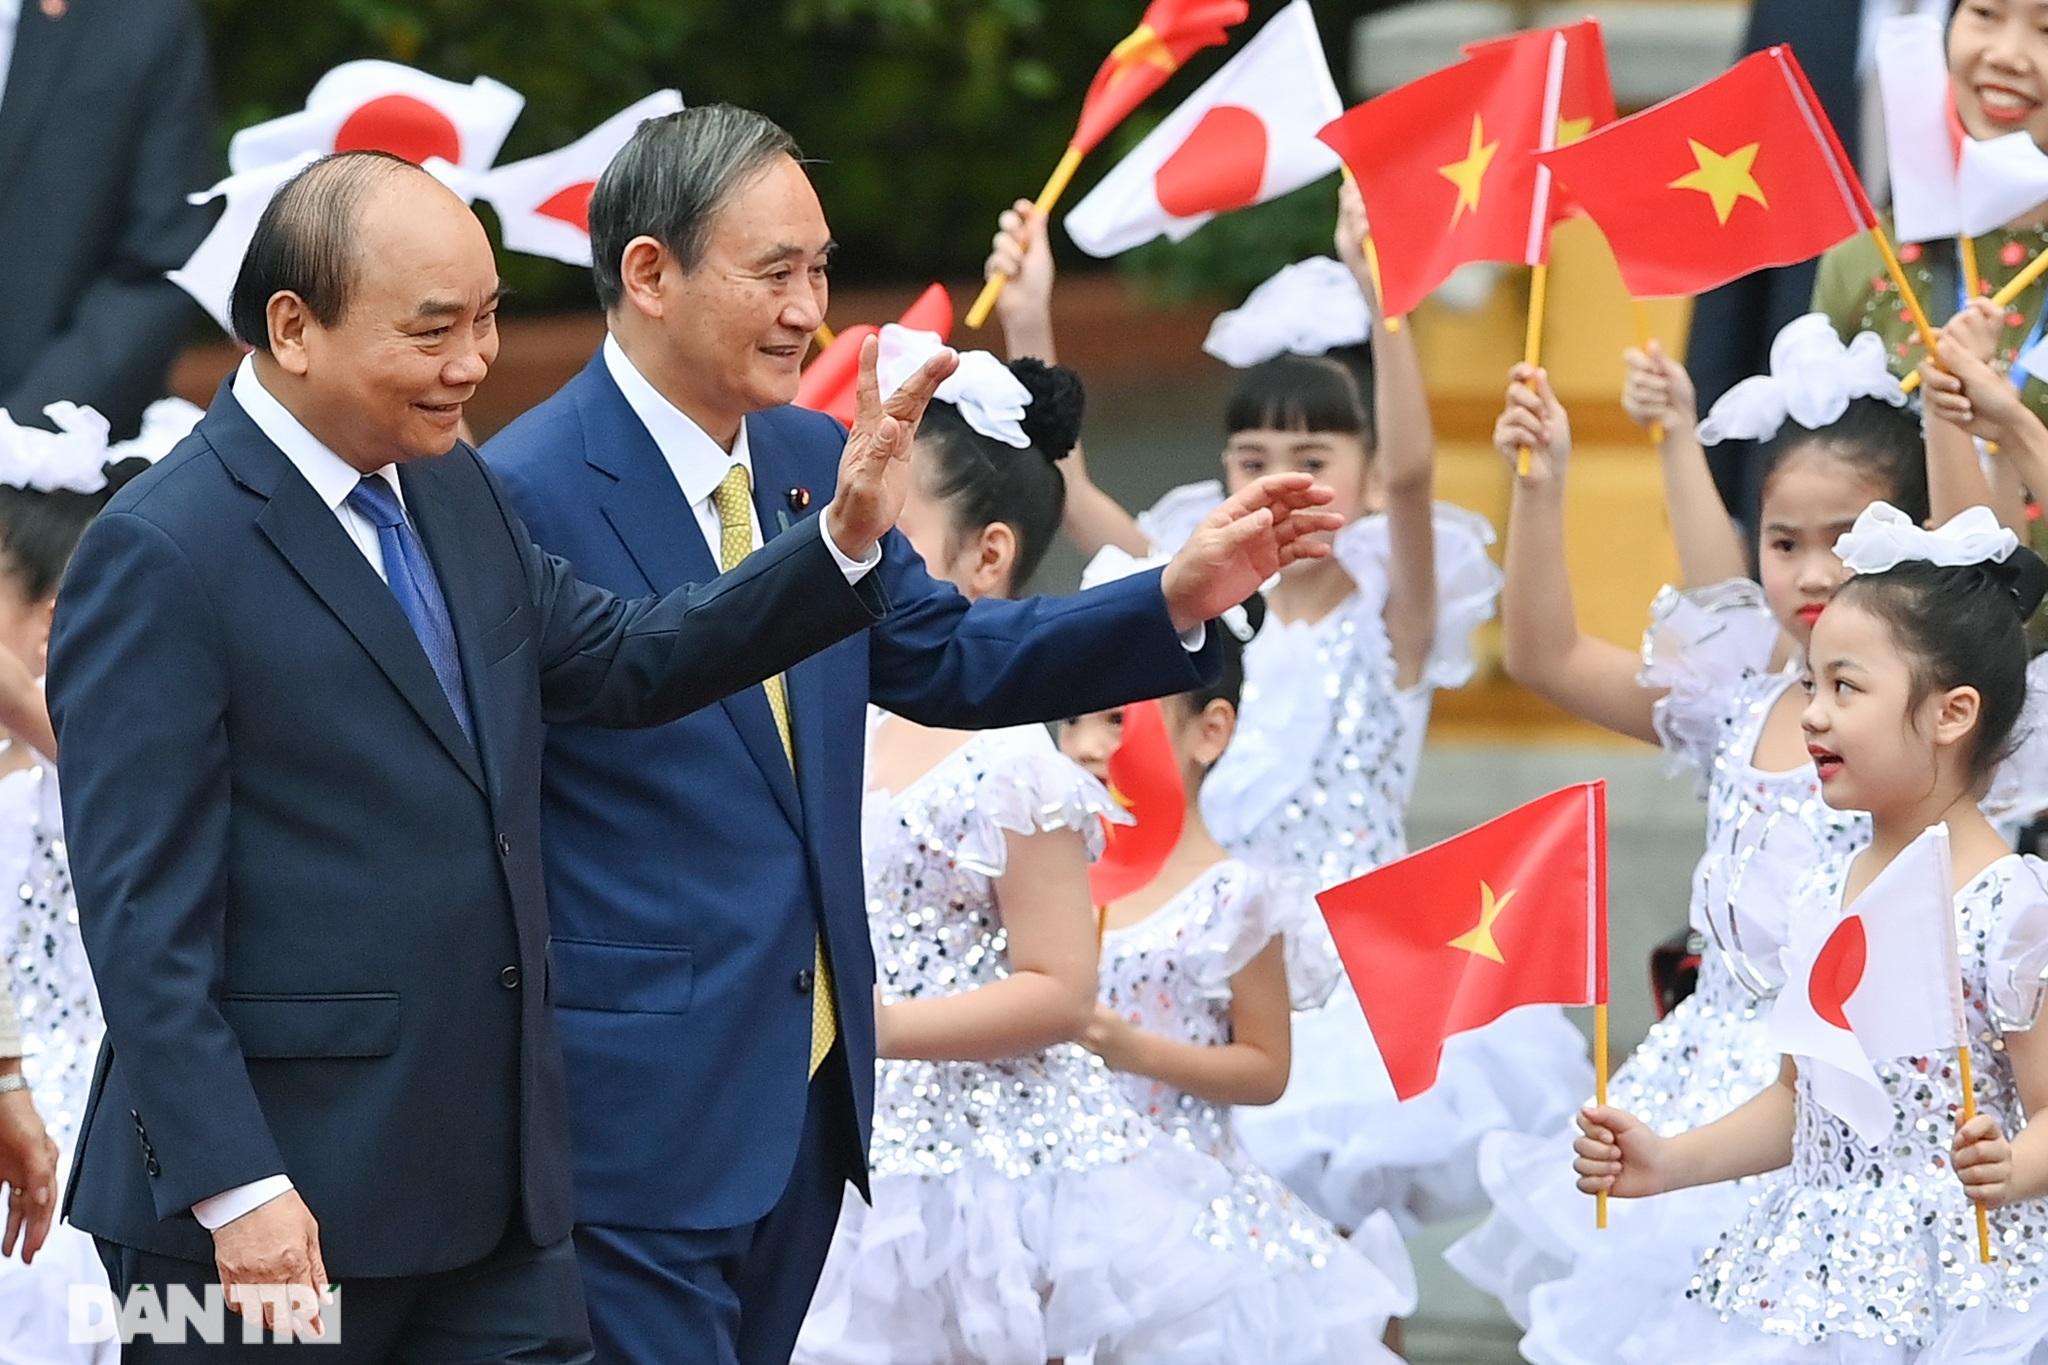 Lễ đón chính thức Thủ tướng Nhật Bản Suga Yoshihide và phu nhân tại Hà Nội - 5